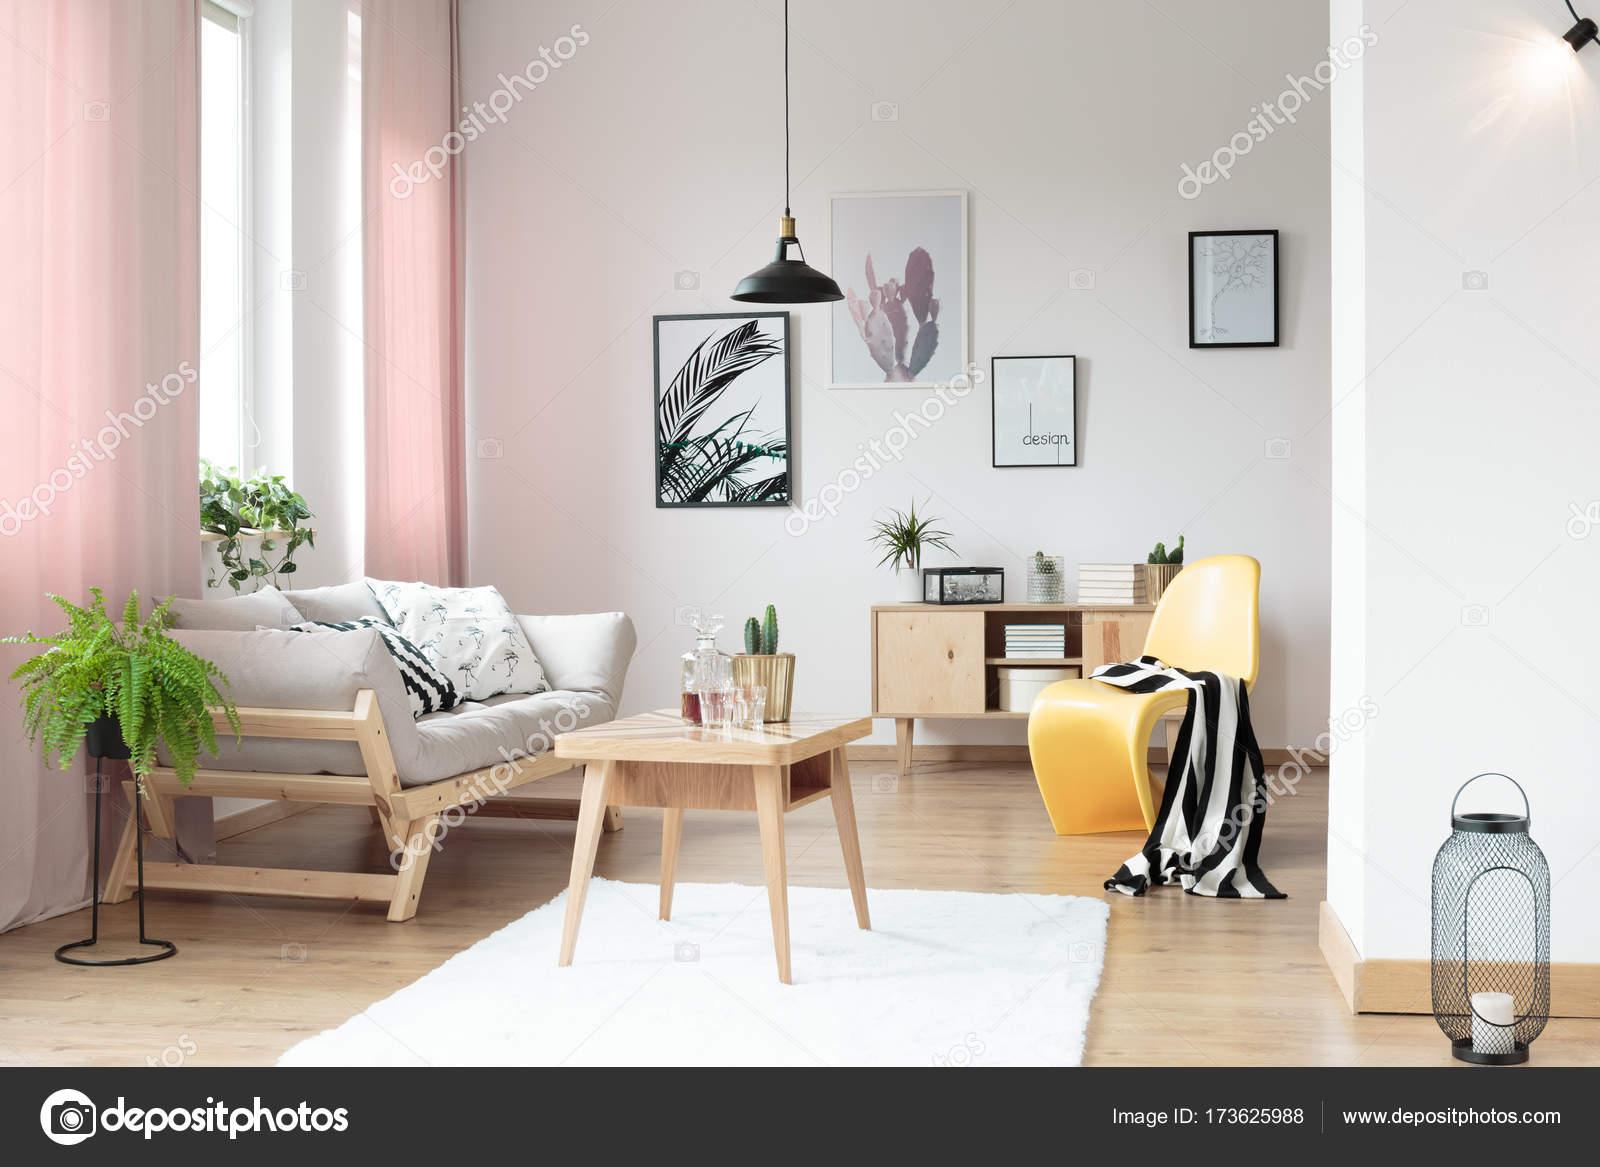 Pastel gordijnen in de woonkamer — Stockfoto © photographee.eu ...